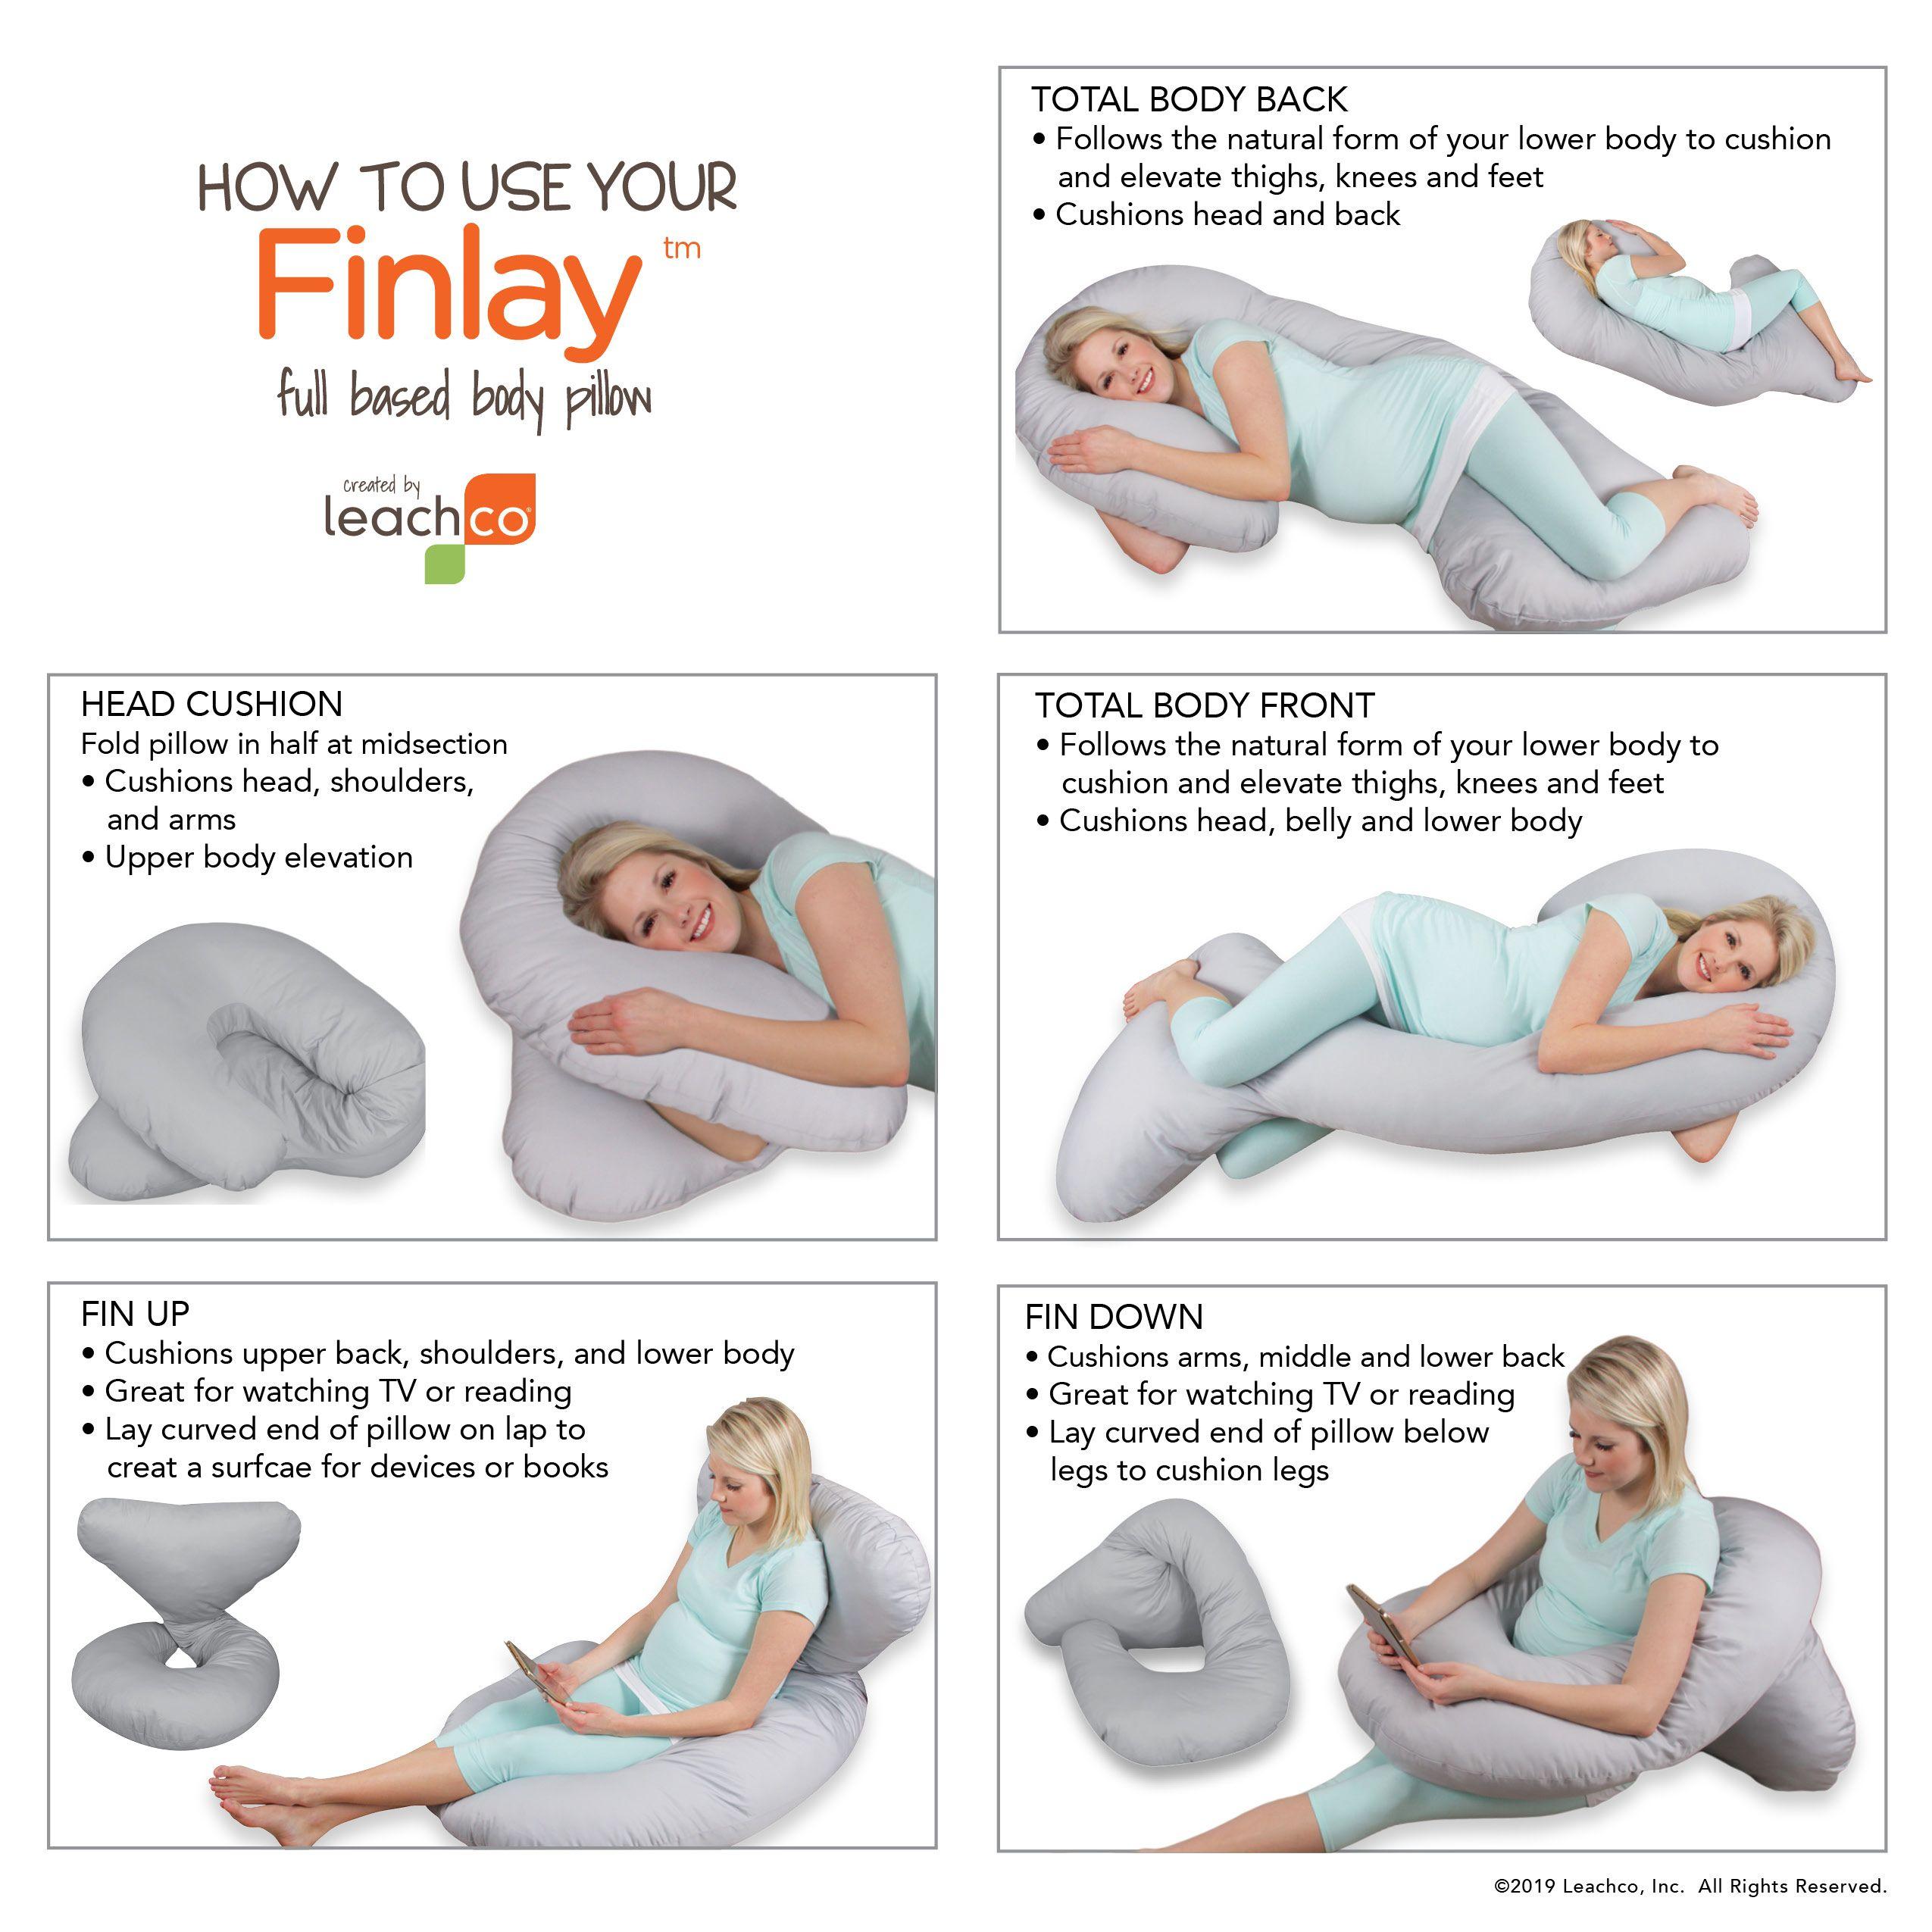 Finlay Body Pillow Body Cushion Pillows